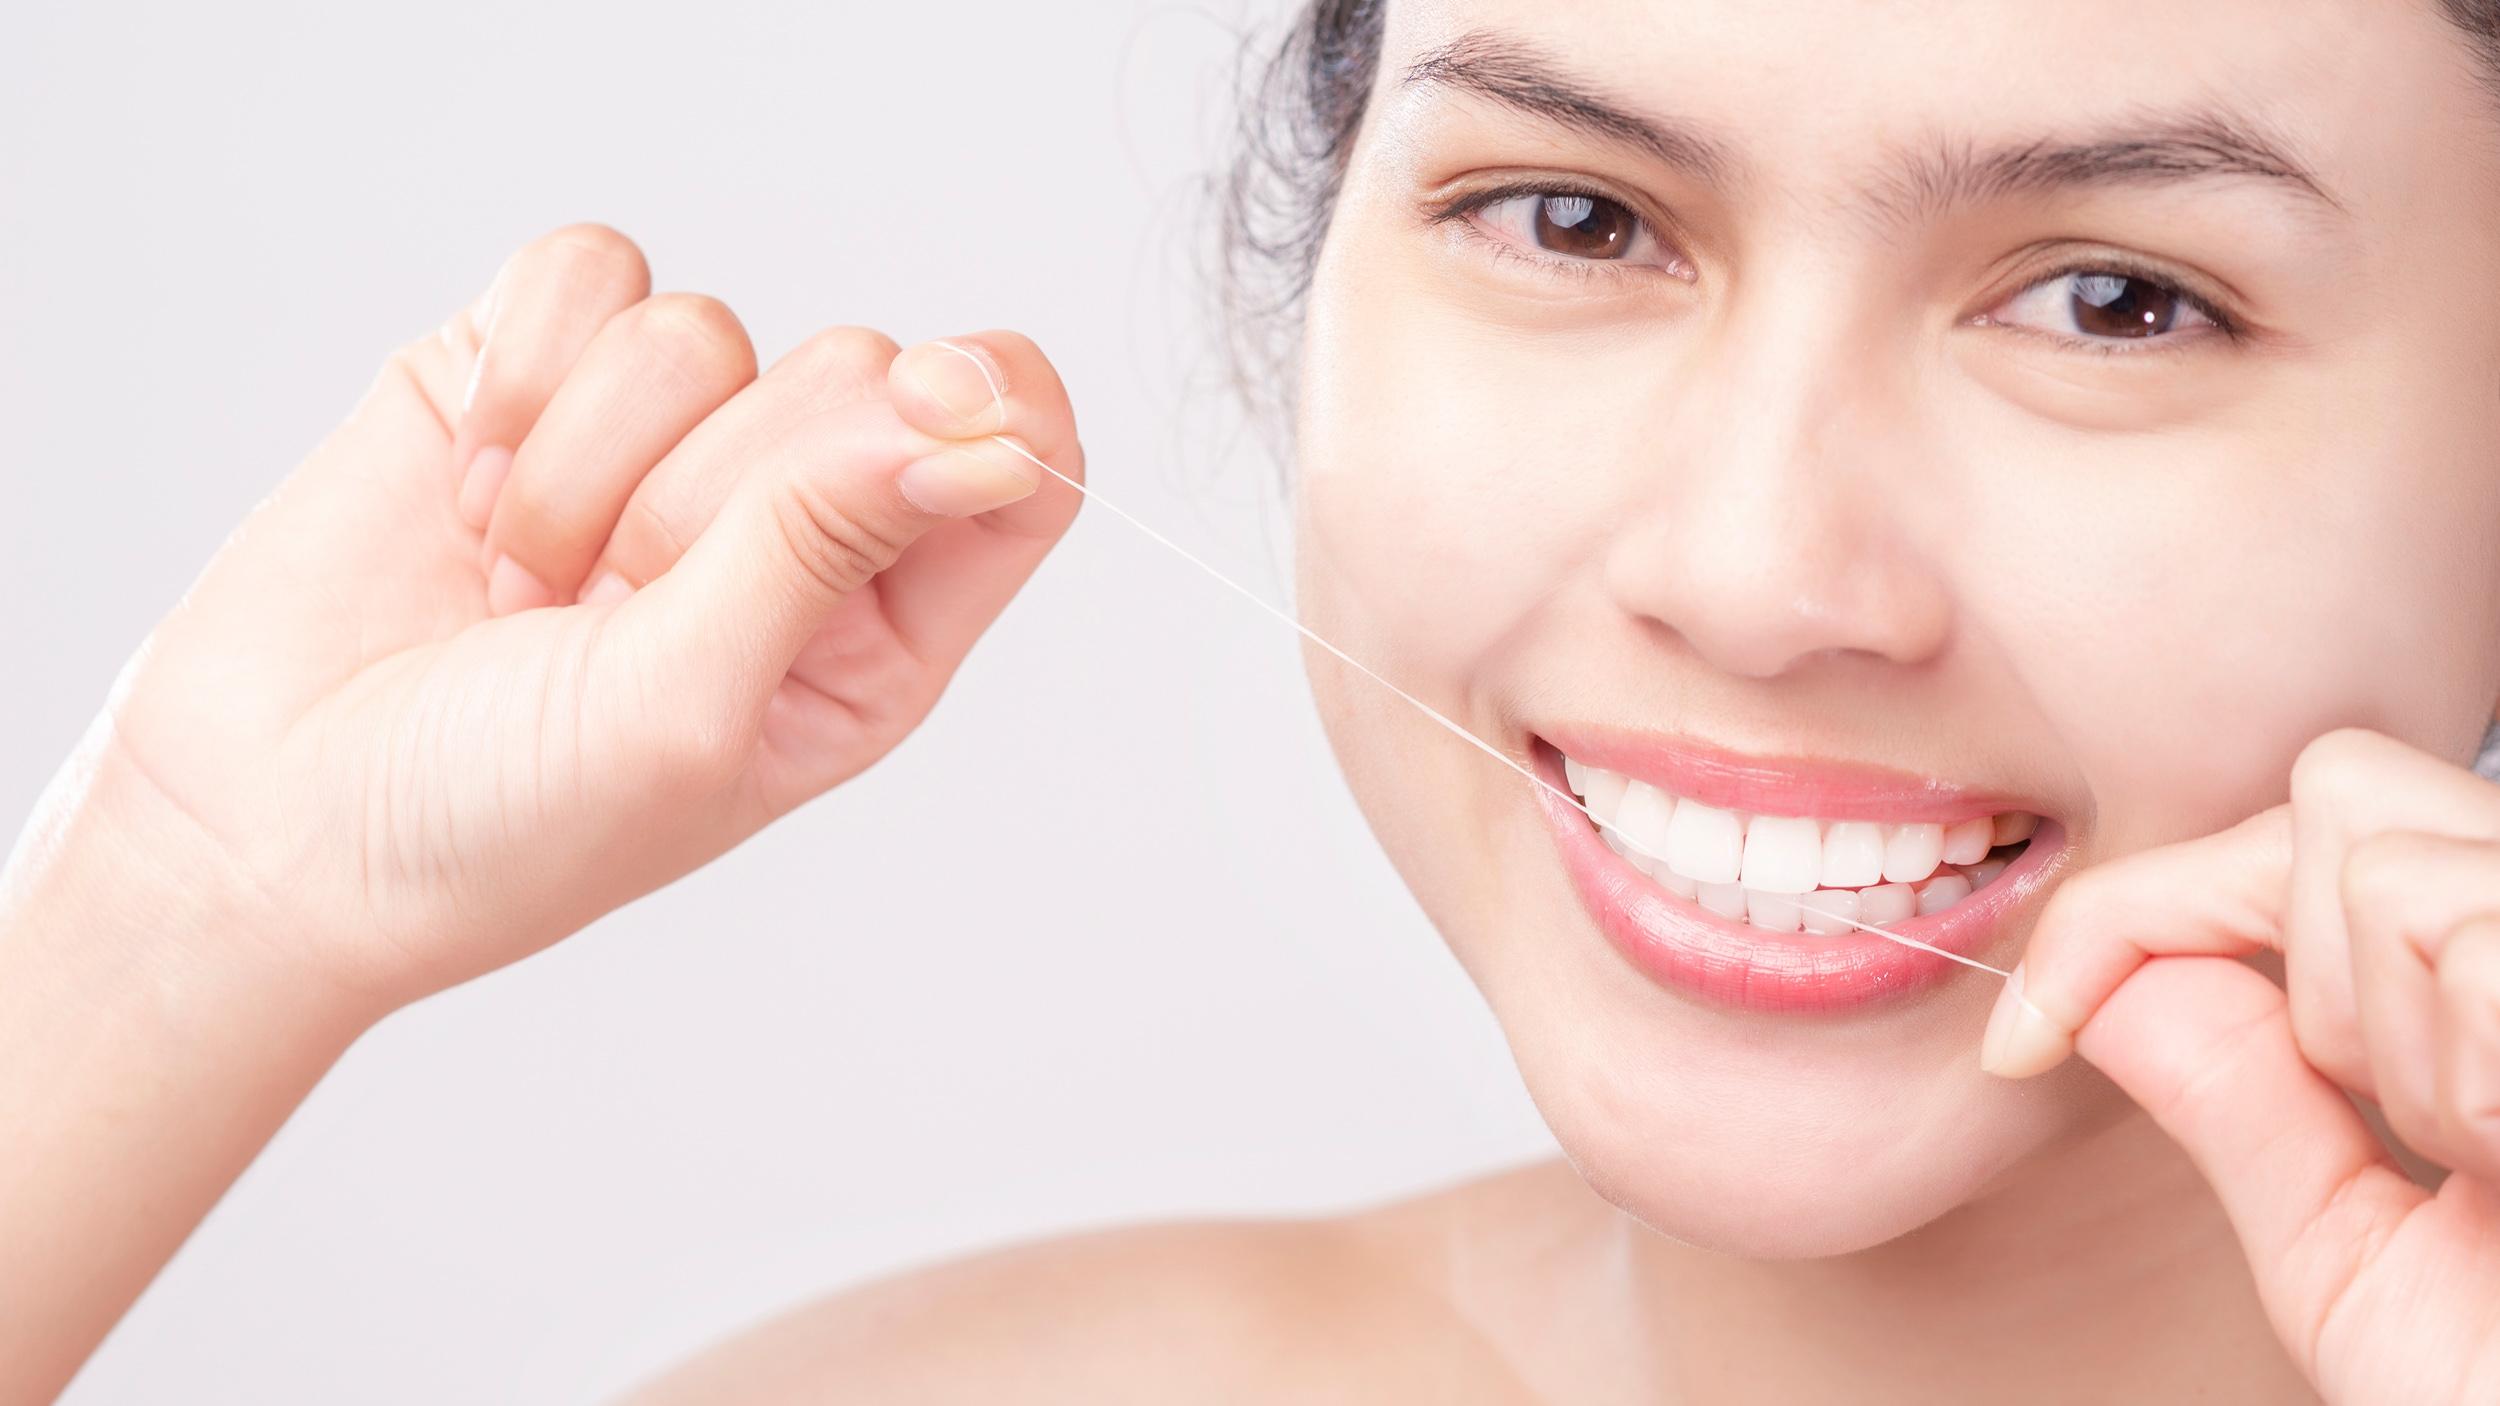 FAQ chewing ice can damage teeth